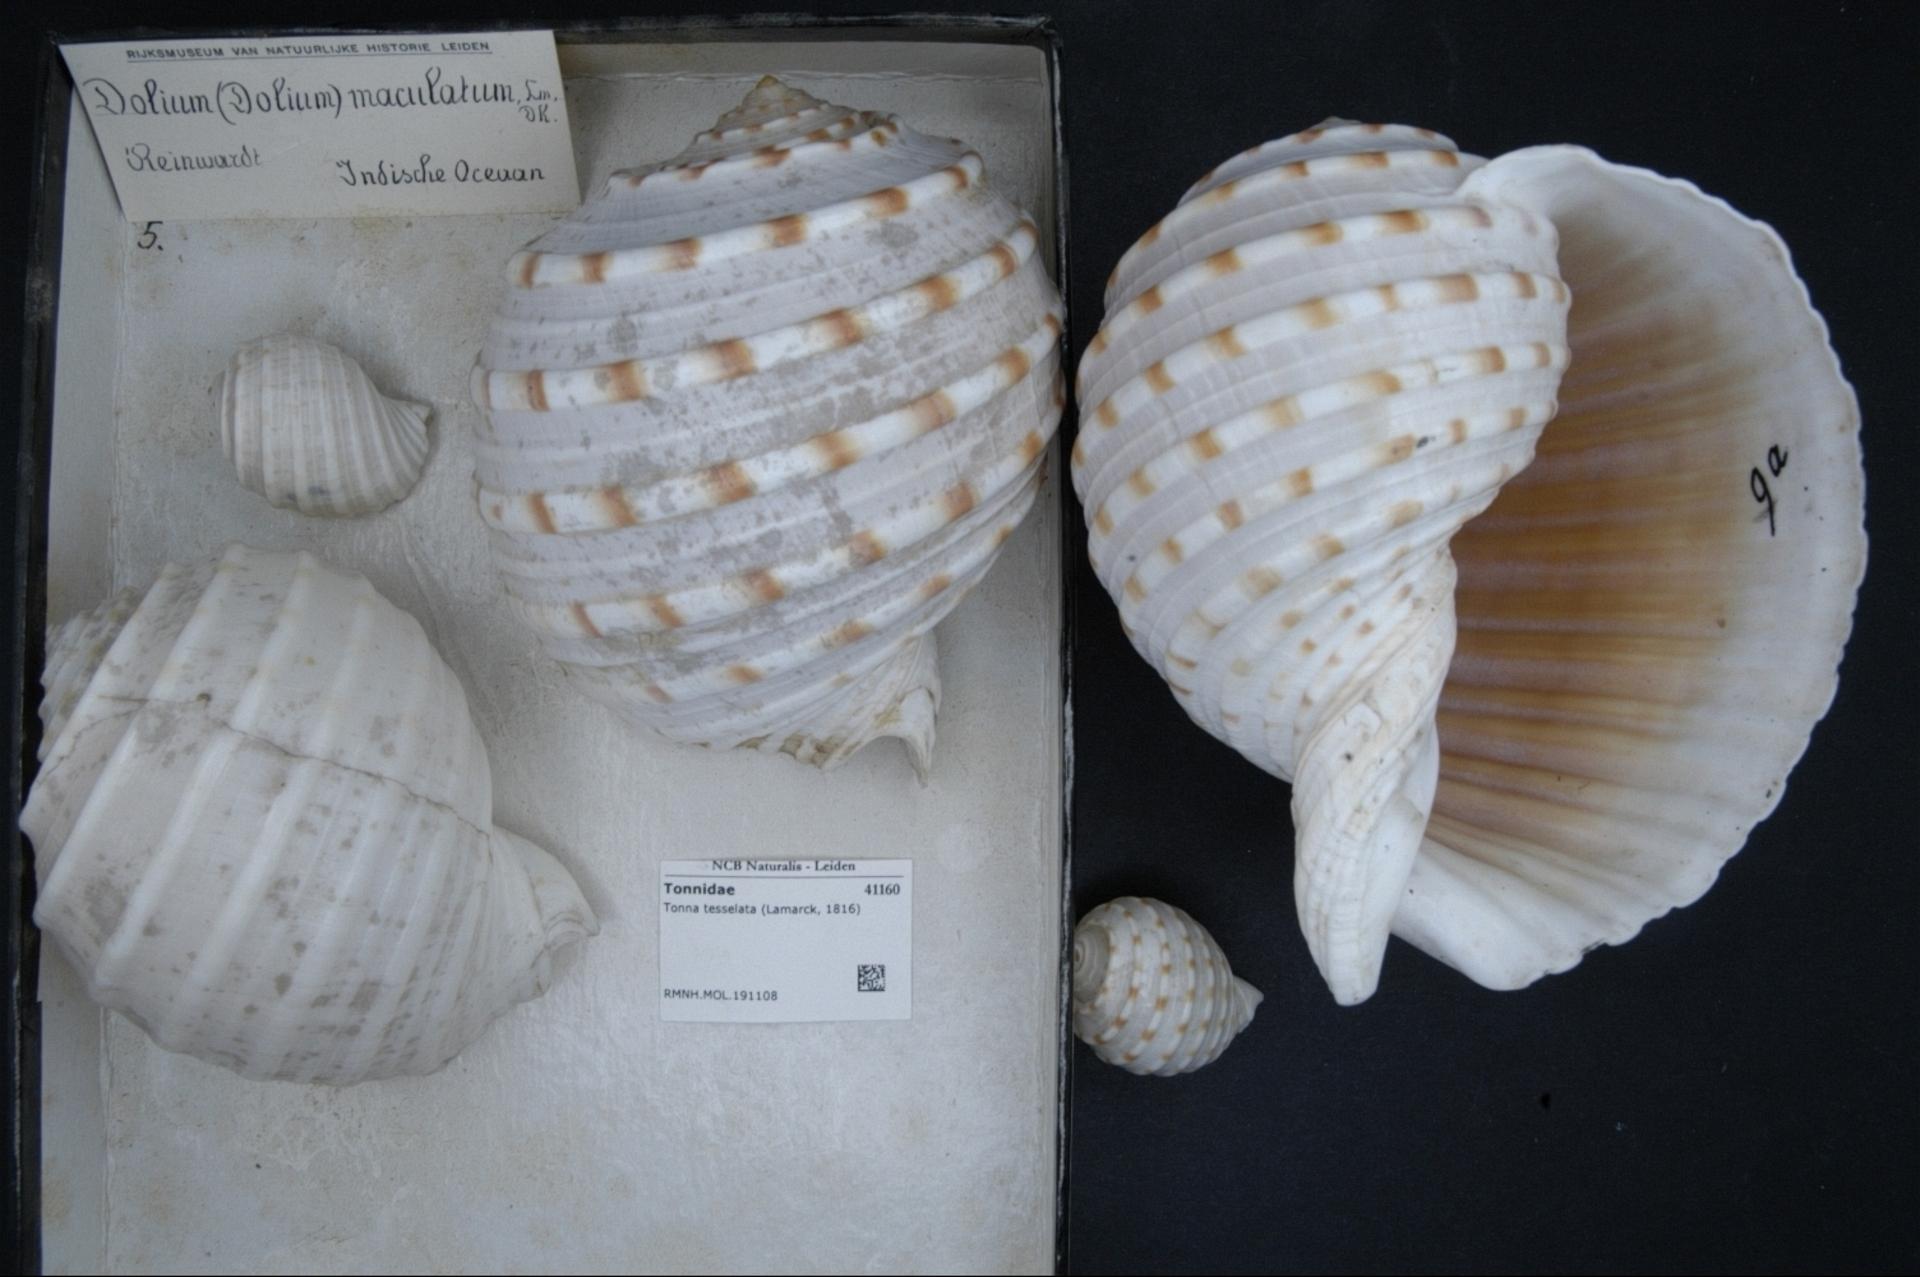 RMNH.MOL.191108   Tonna tessellata (Lamarck, 1816)